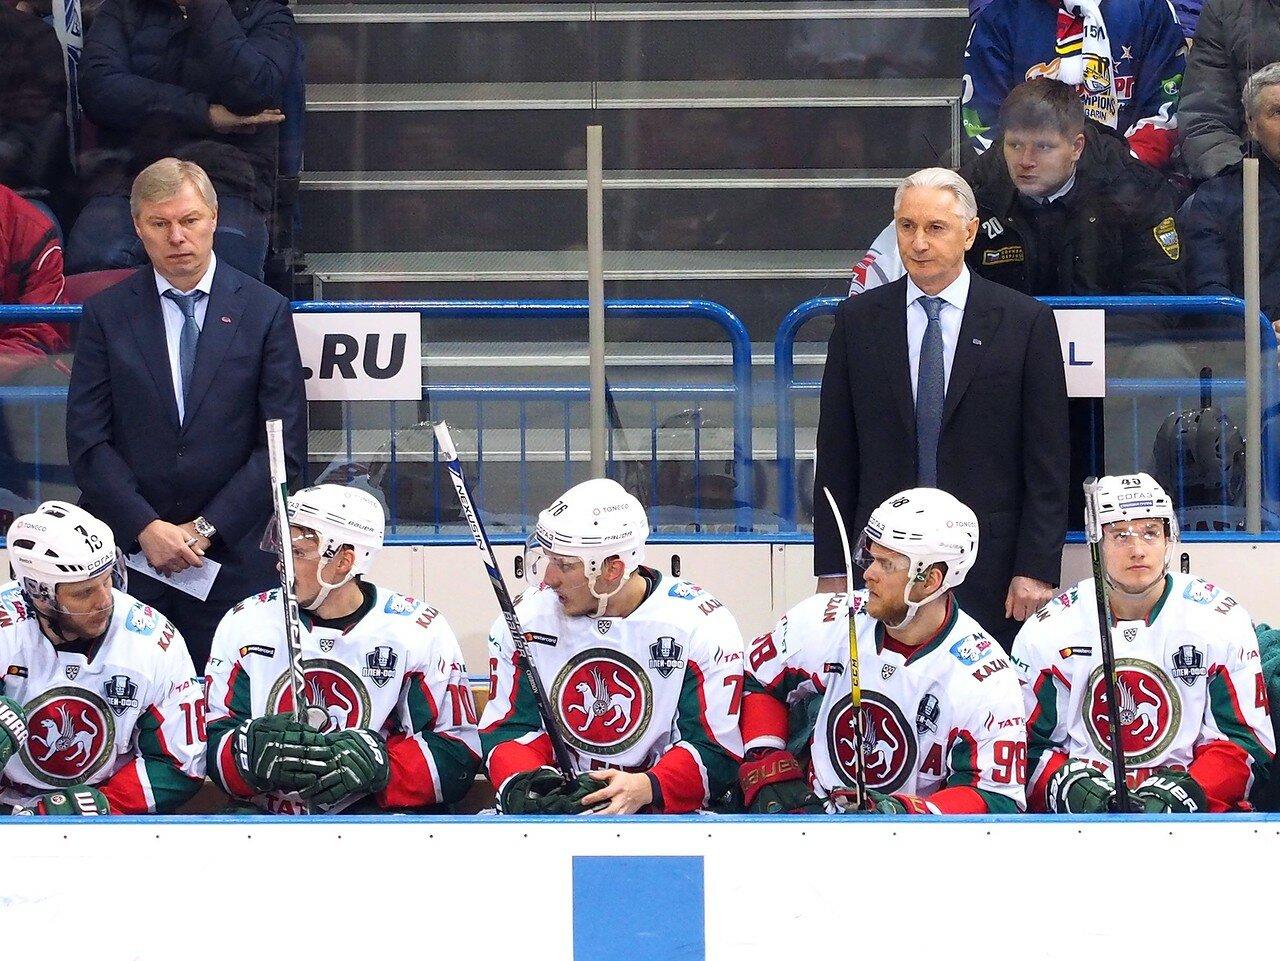 78 Первая игра финала плей-офф восточной конференции 2017 Металлург - АкБарс 24.03.2017